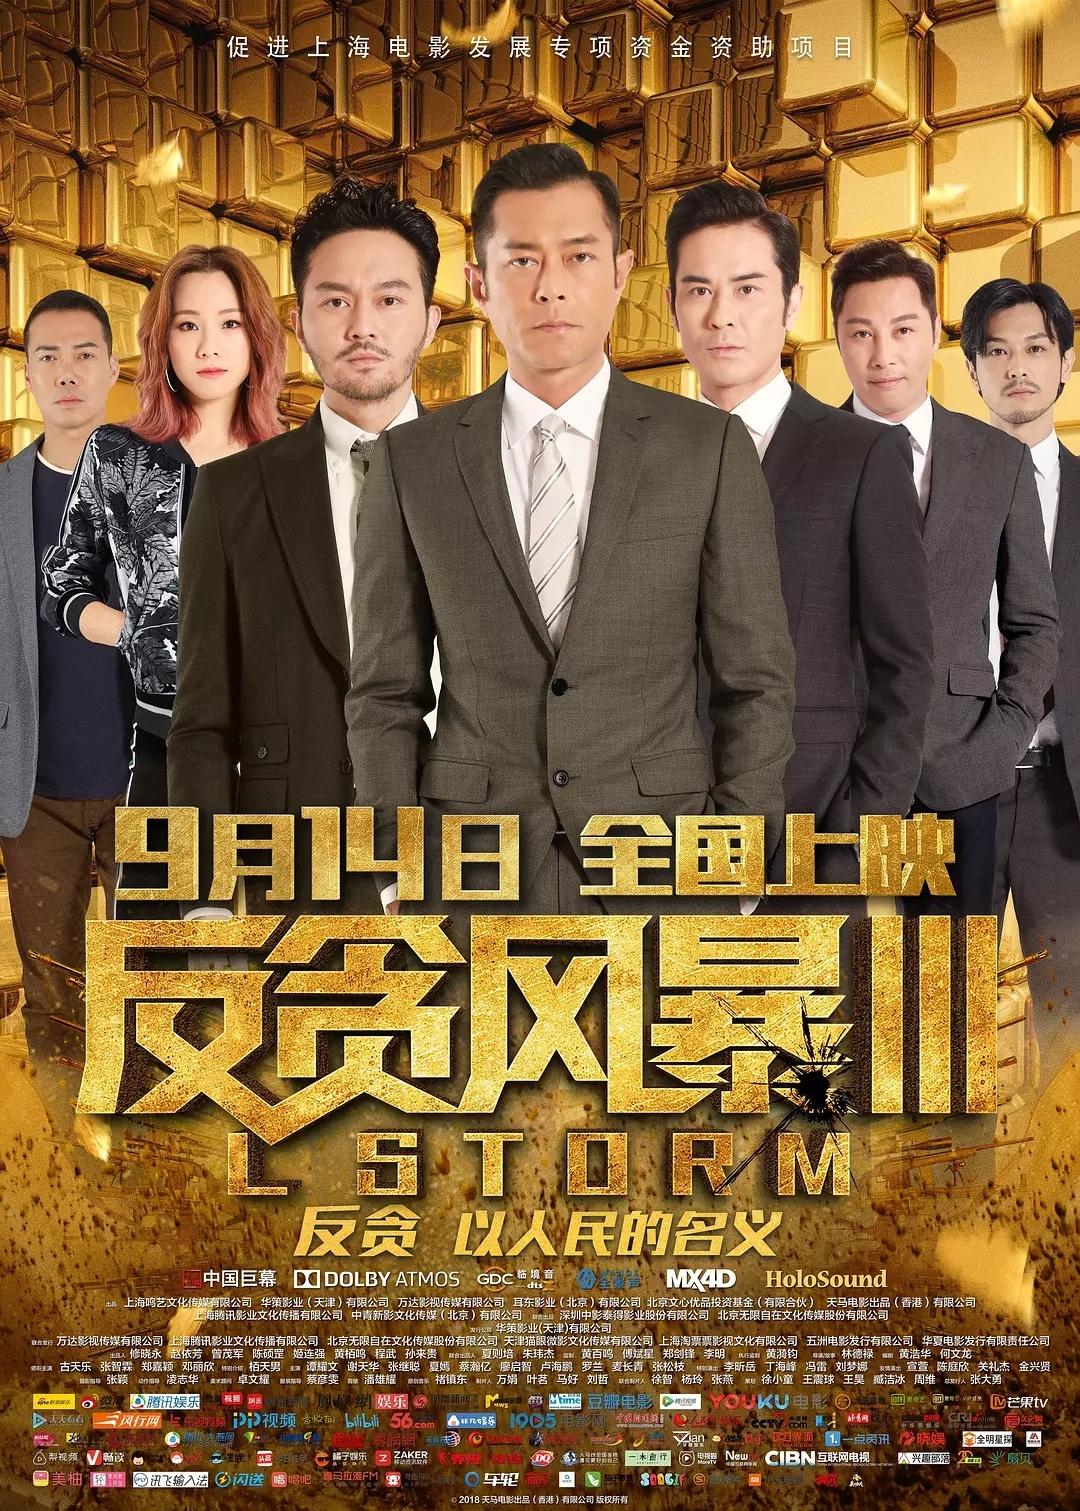 反贪风暴3 [更新蓝光原盘,古天乐/张智霖/郑嘉颖/邓丽欣]